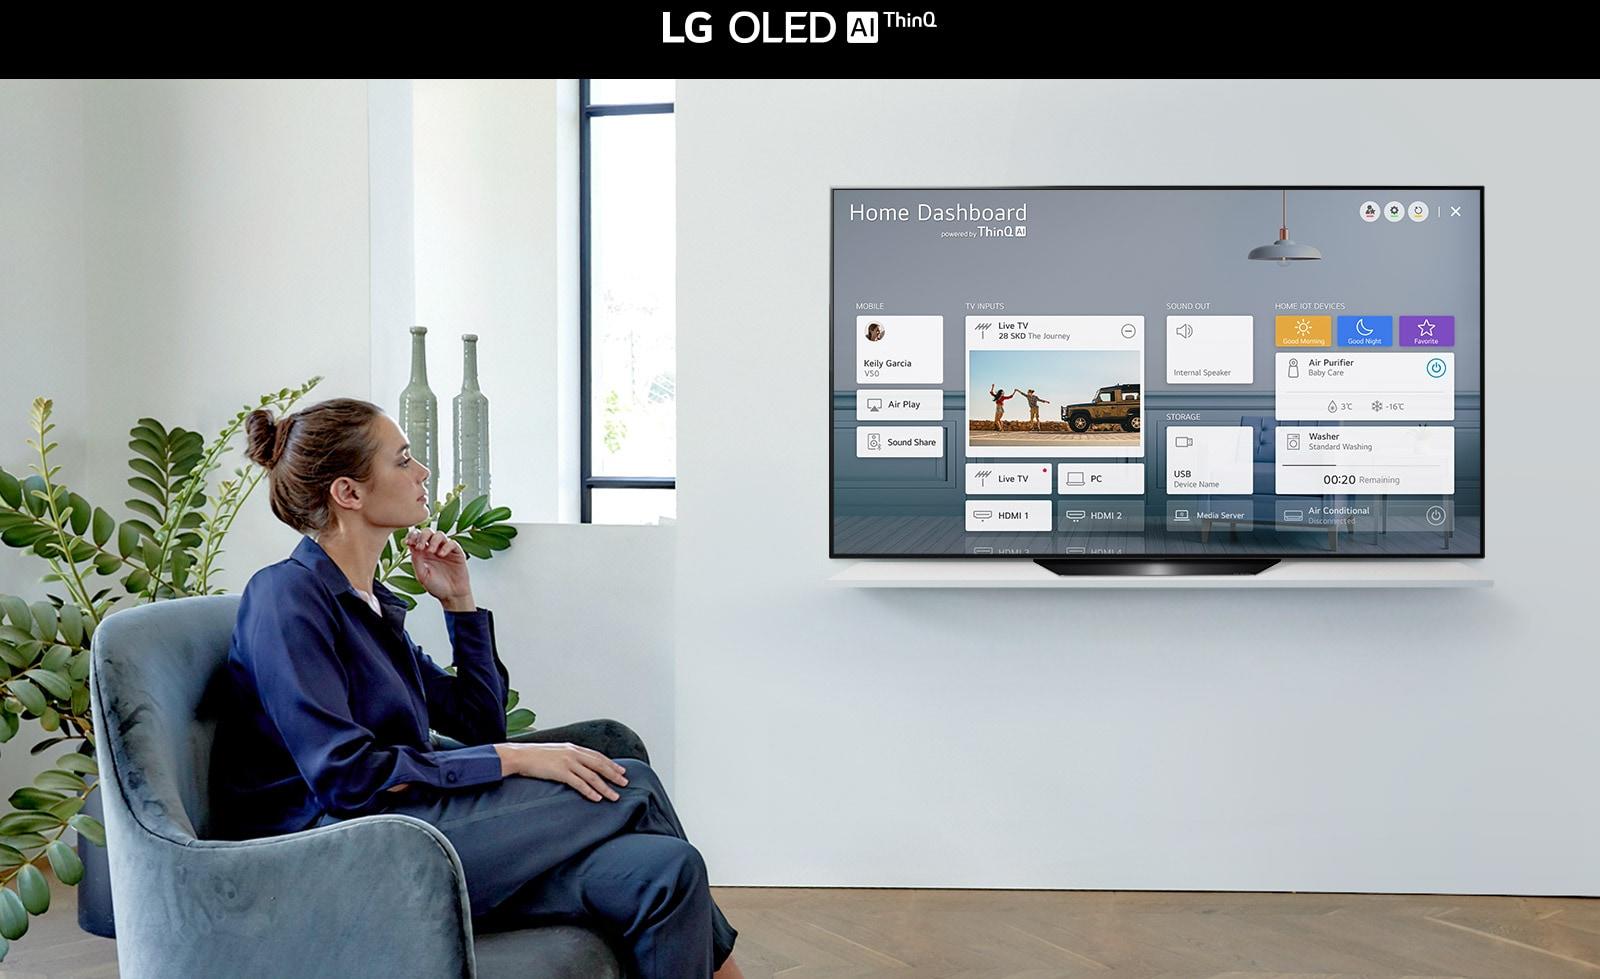 Žena sjedi na naslonjaču u dnevnoj sobi, a na zaslonu televizora prikazuje se kućna nadzorna ploča (Home Dashboard)